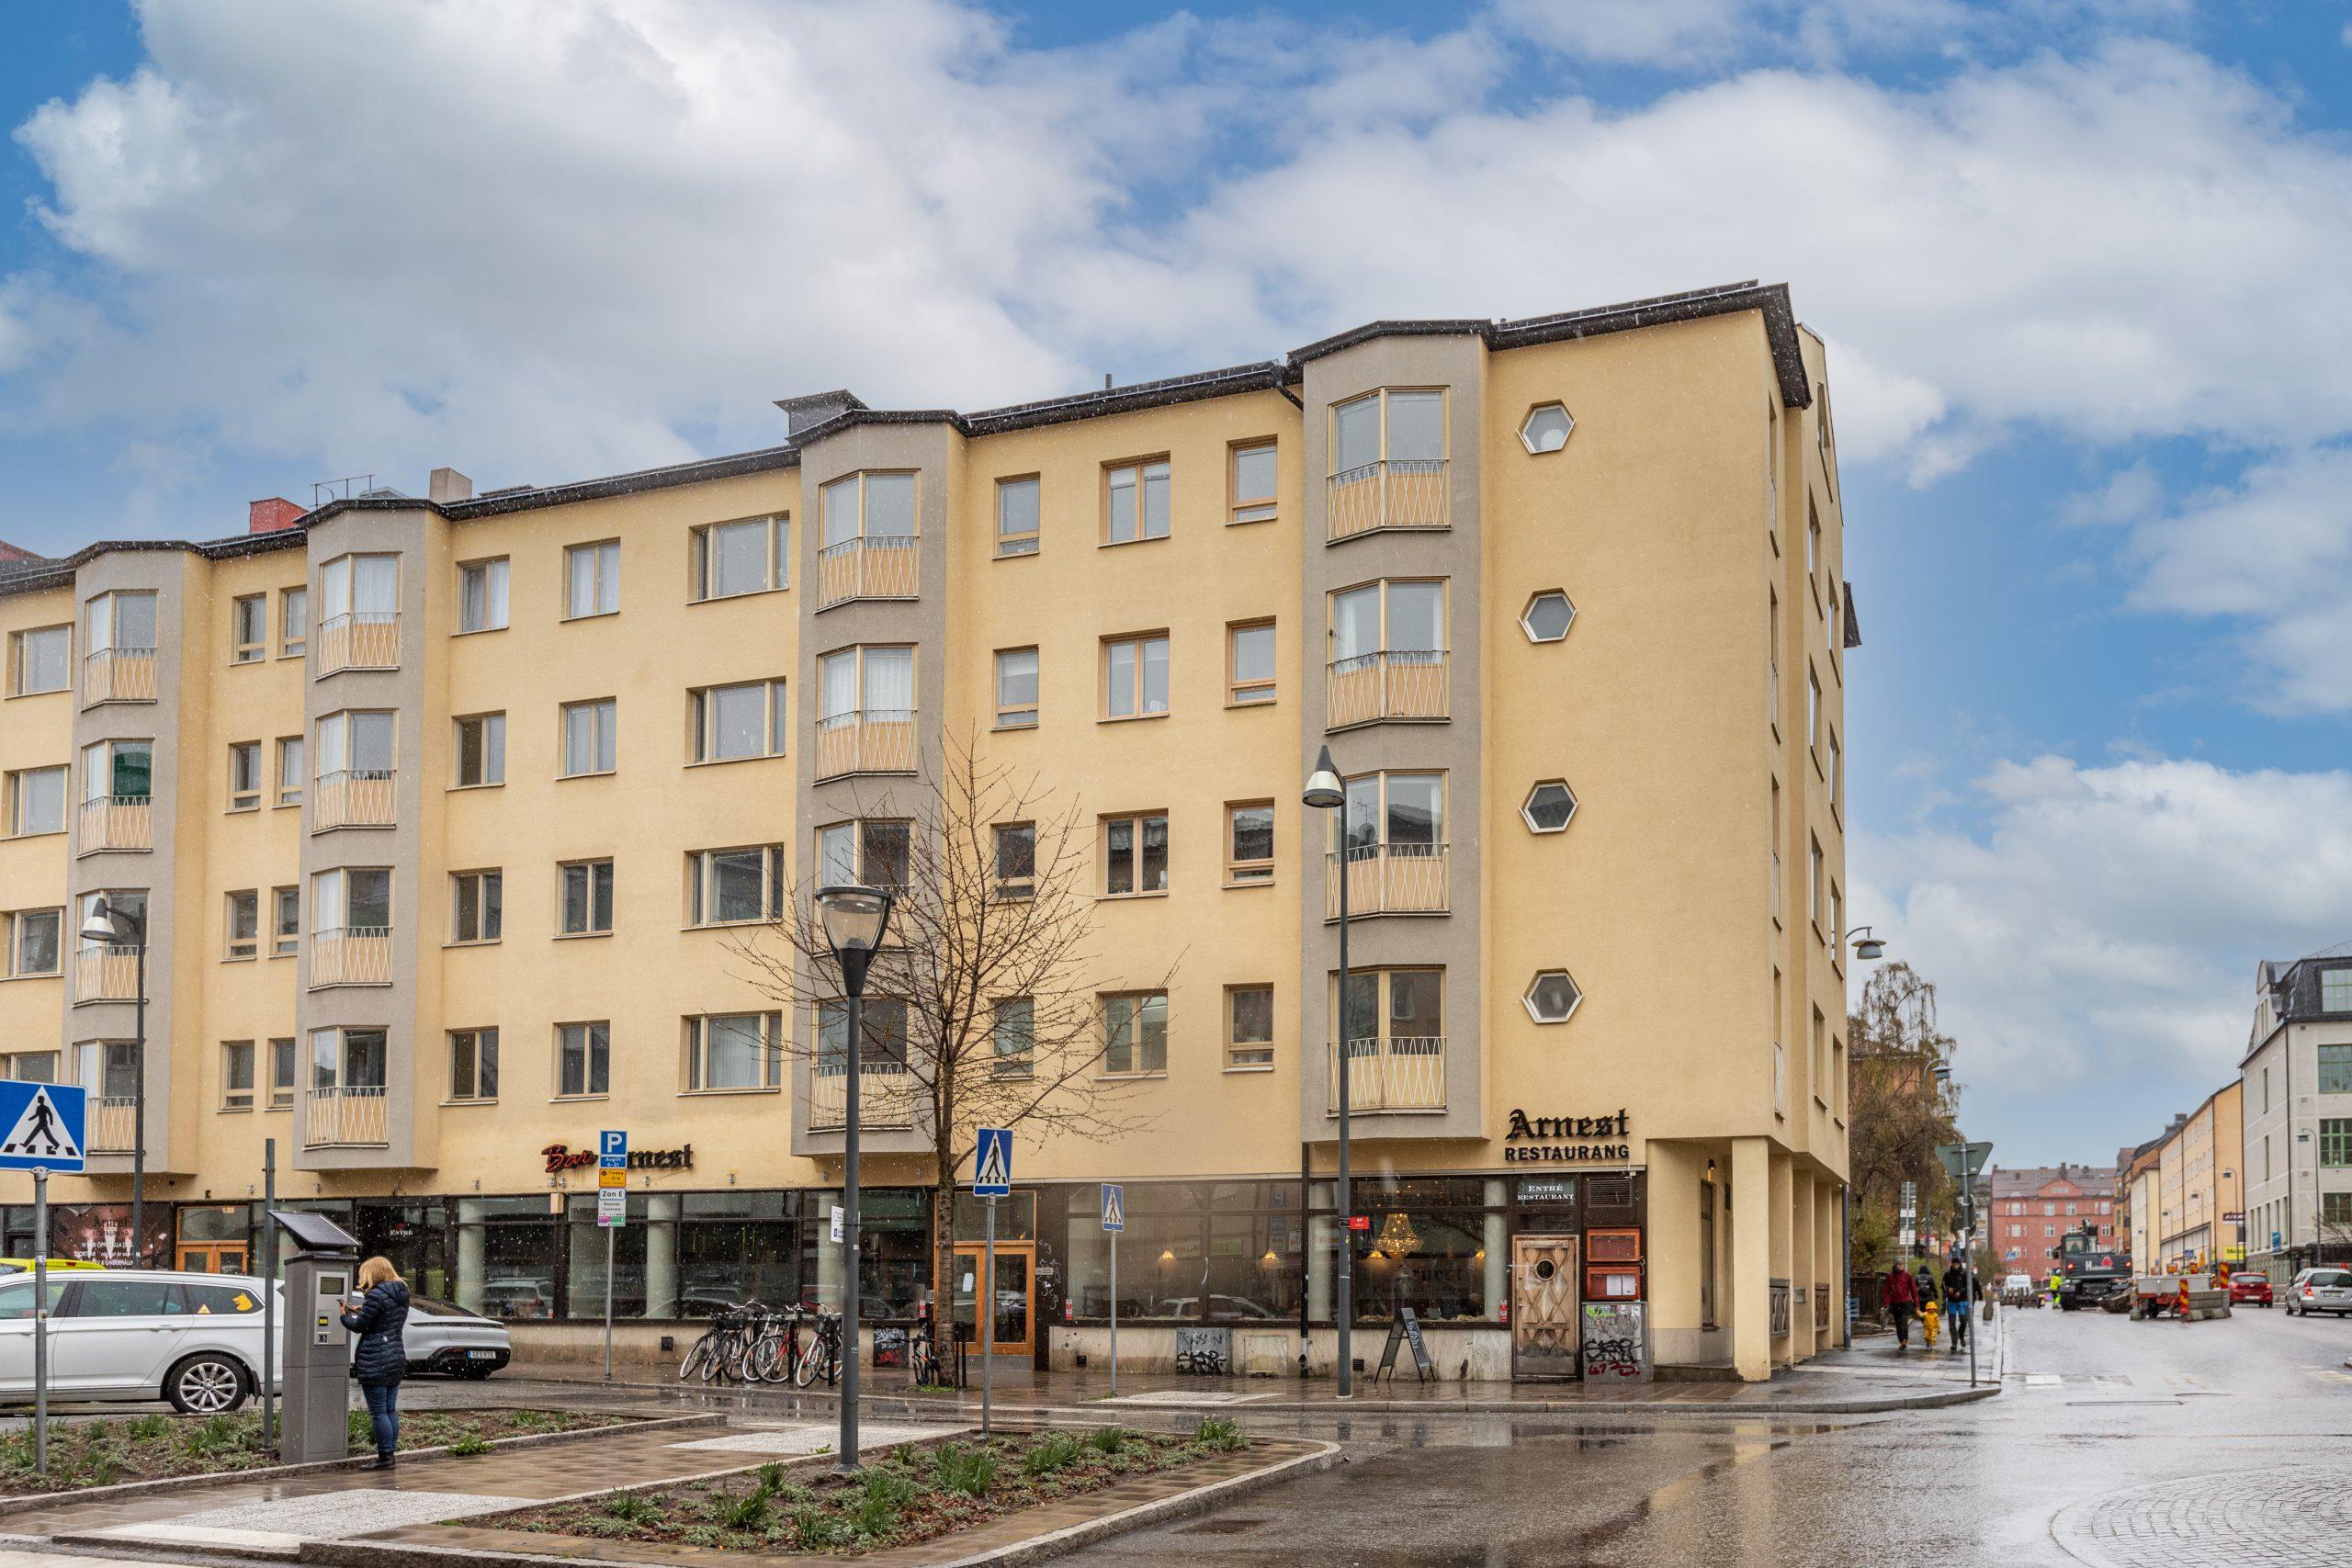 Fantastisk 2:a i populära Sundbyberg